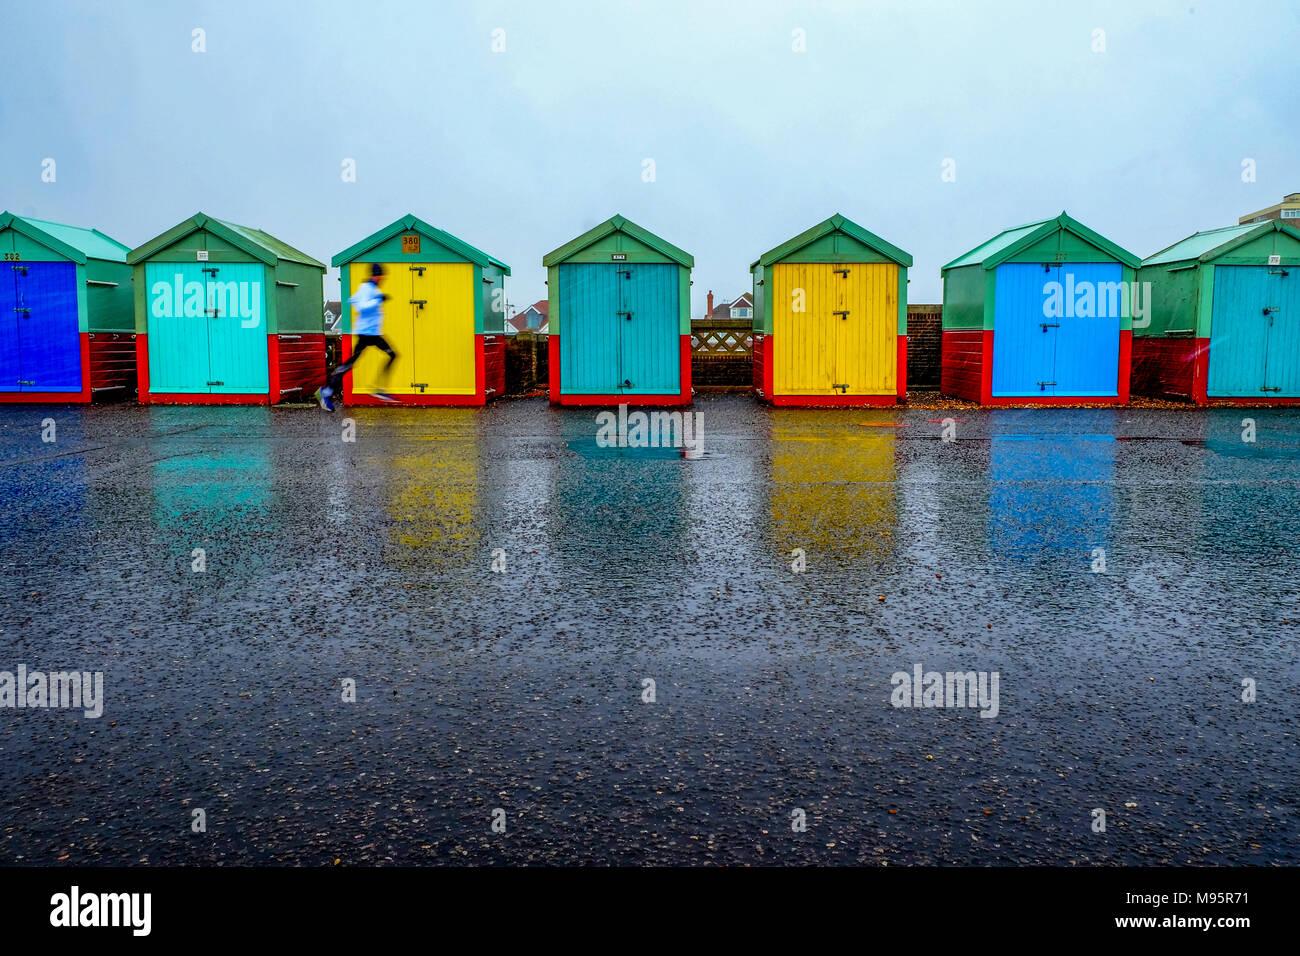 Front de mer de Brighton sept cabines de plage, avec cinq portes bleu et vert et deux avec des portes jaunes les cabanes de plage sont dans une ligne sur une promenade le béton Photo Stock